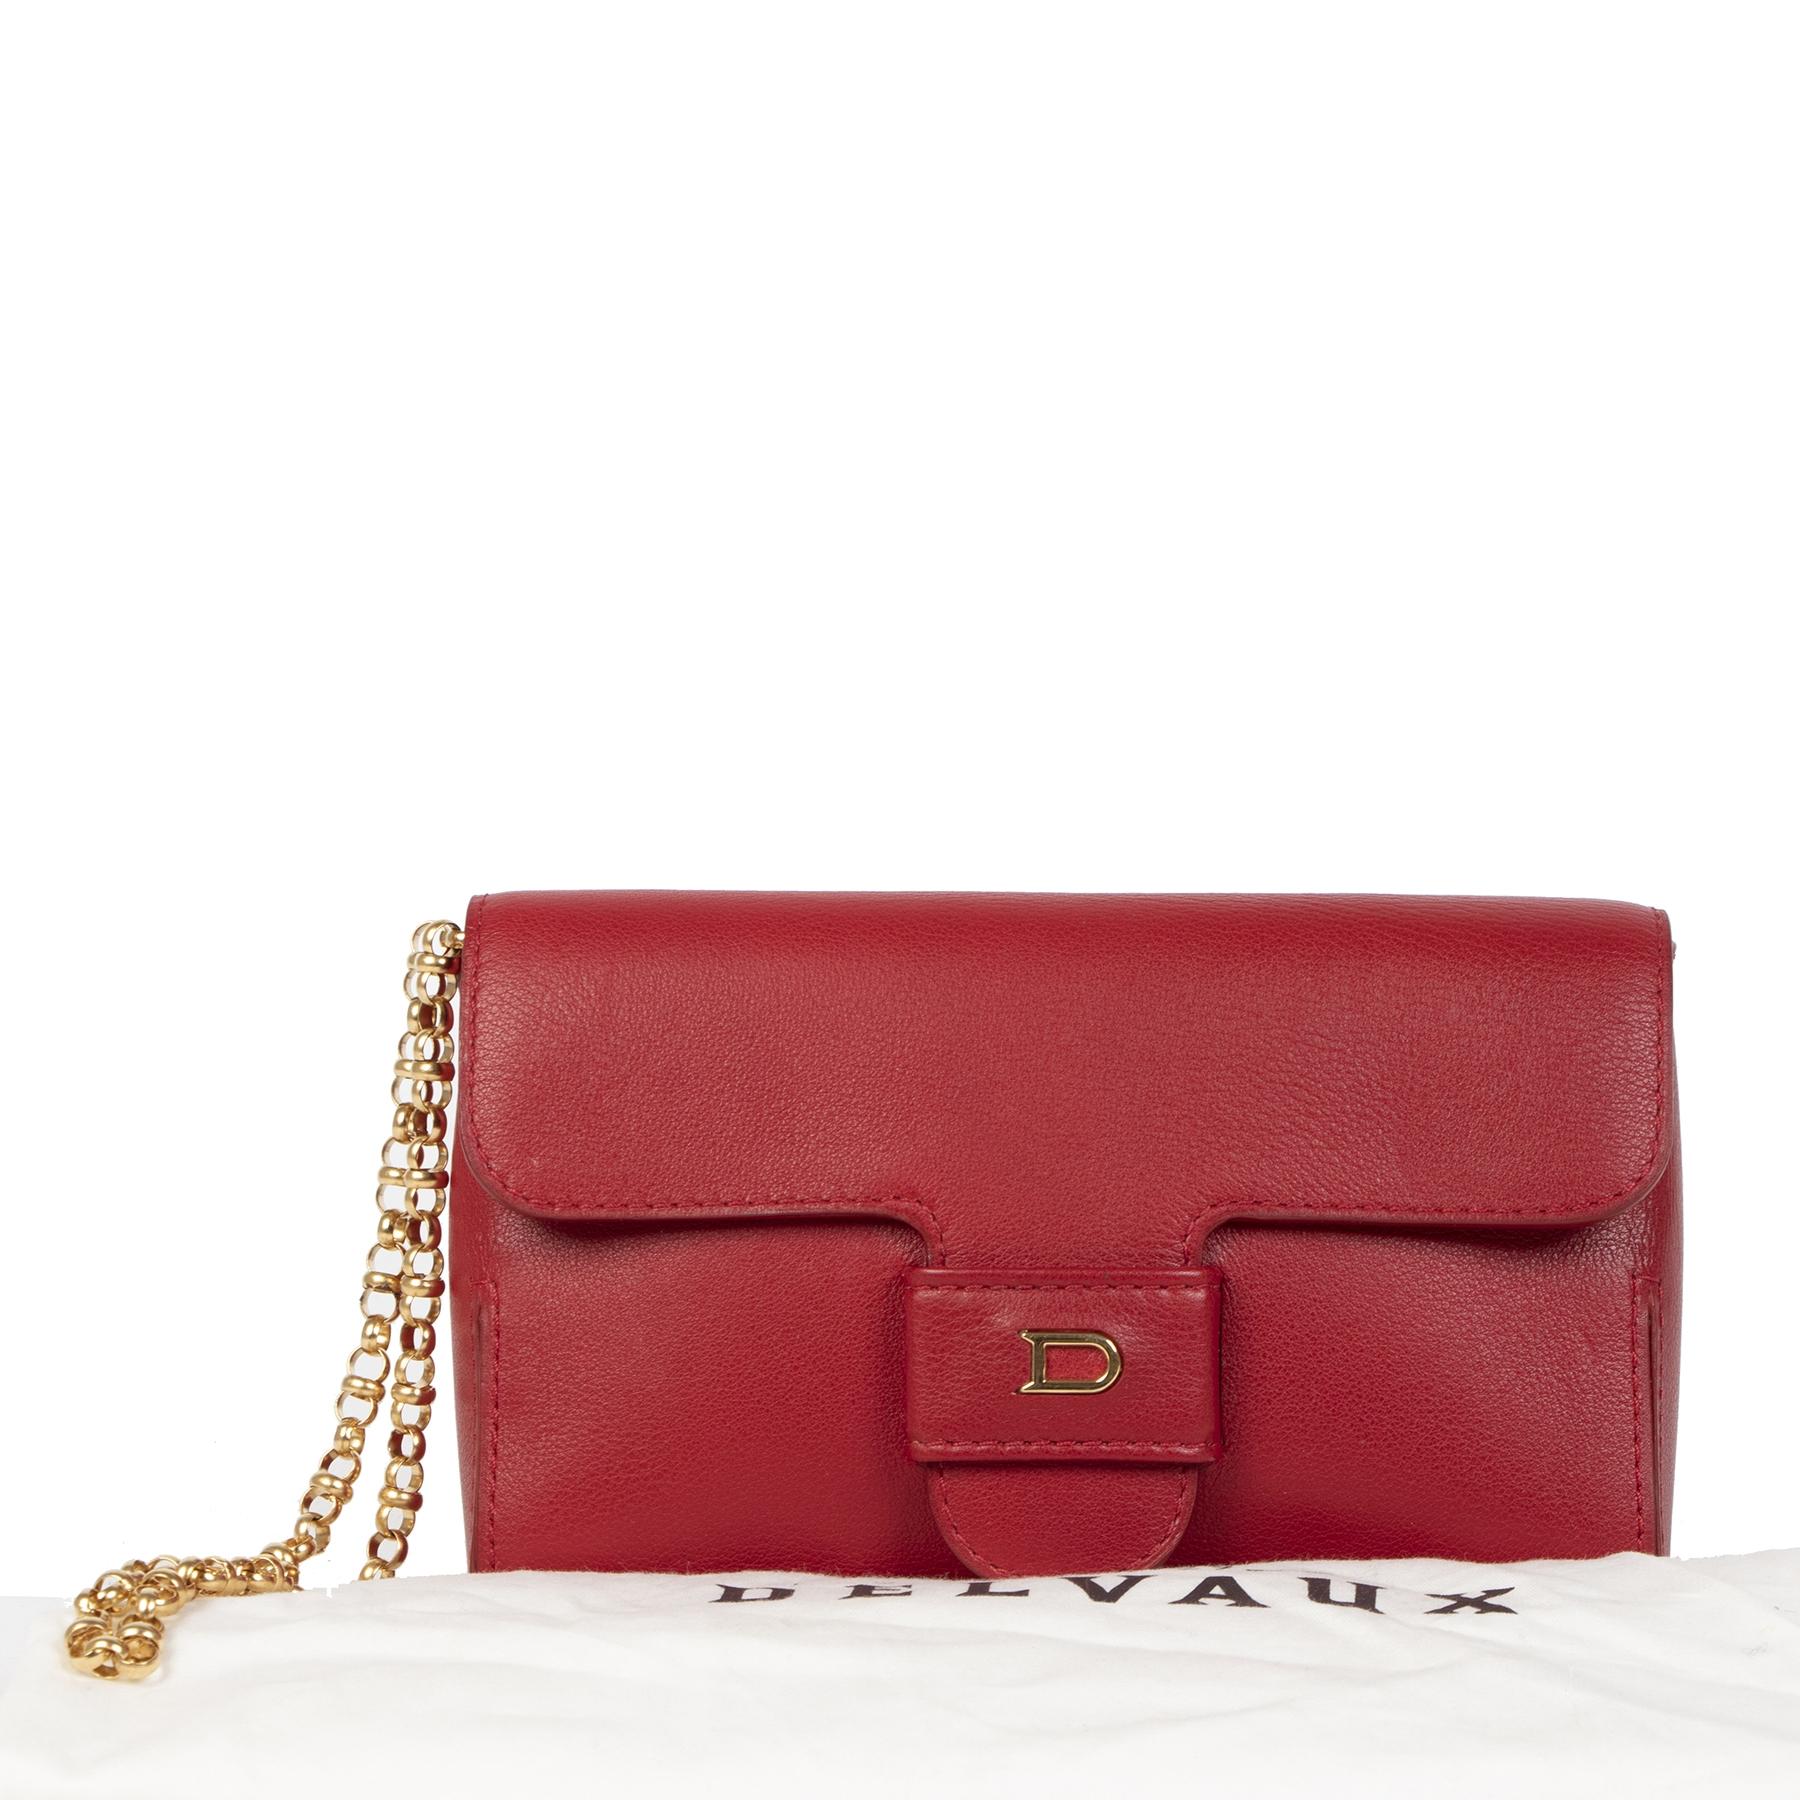 Delvaux Red Chain Evening Bag te koop aan de beste prijs bij Labellov